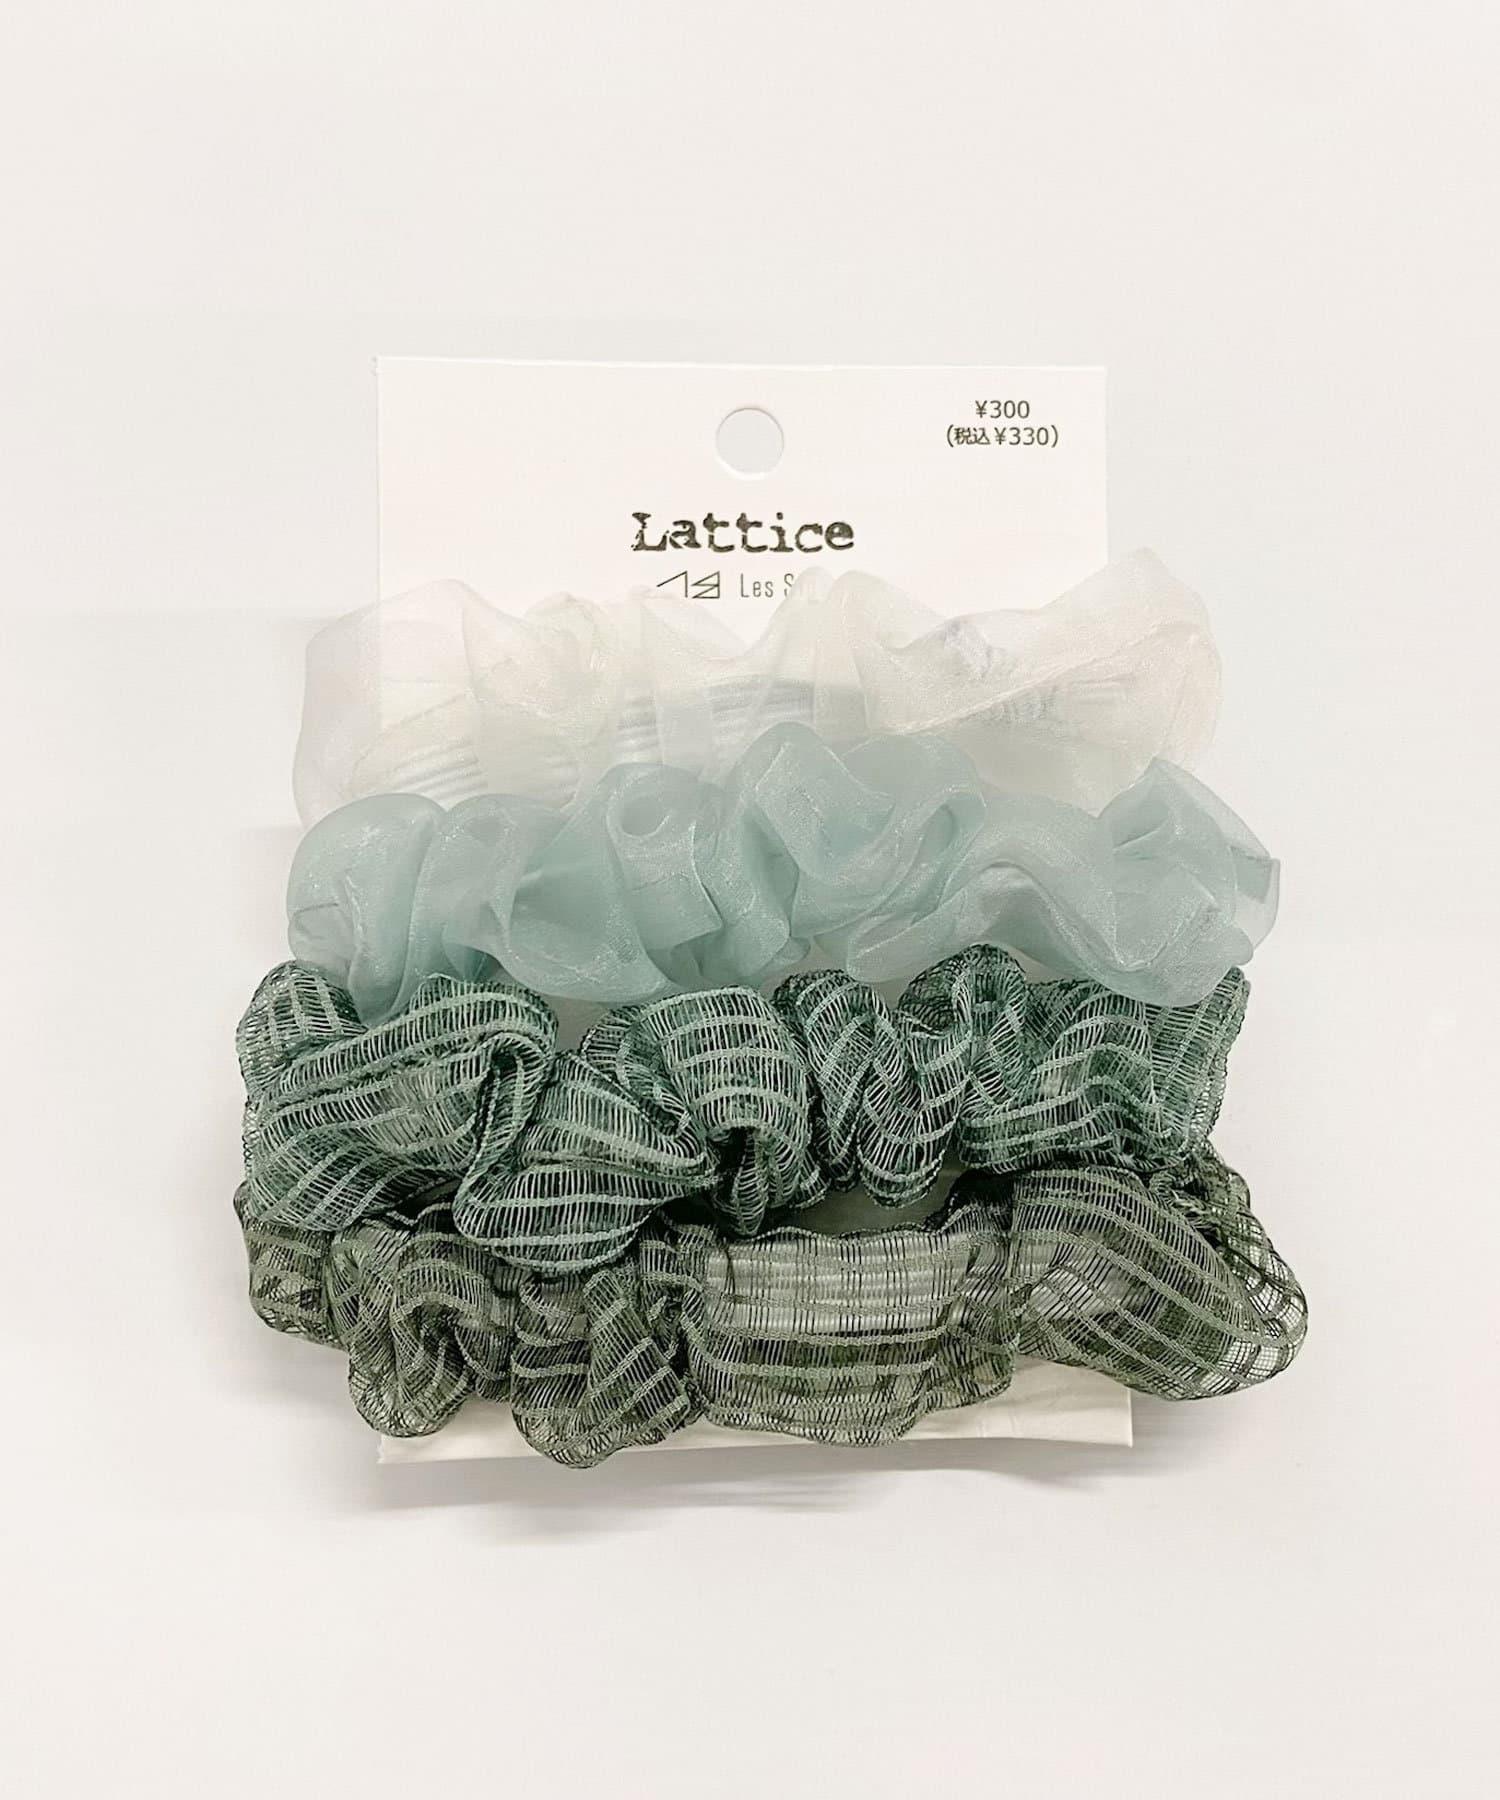 Lattice(ラティス) レディース シアーボーダーSETシュシュ グリーン